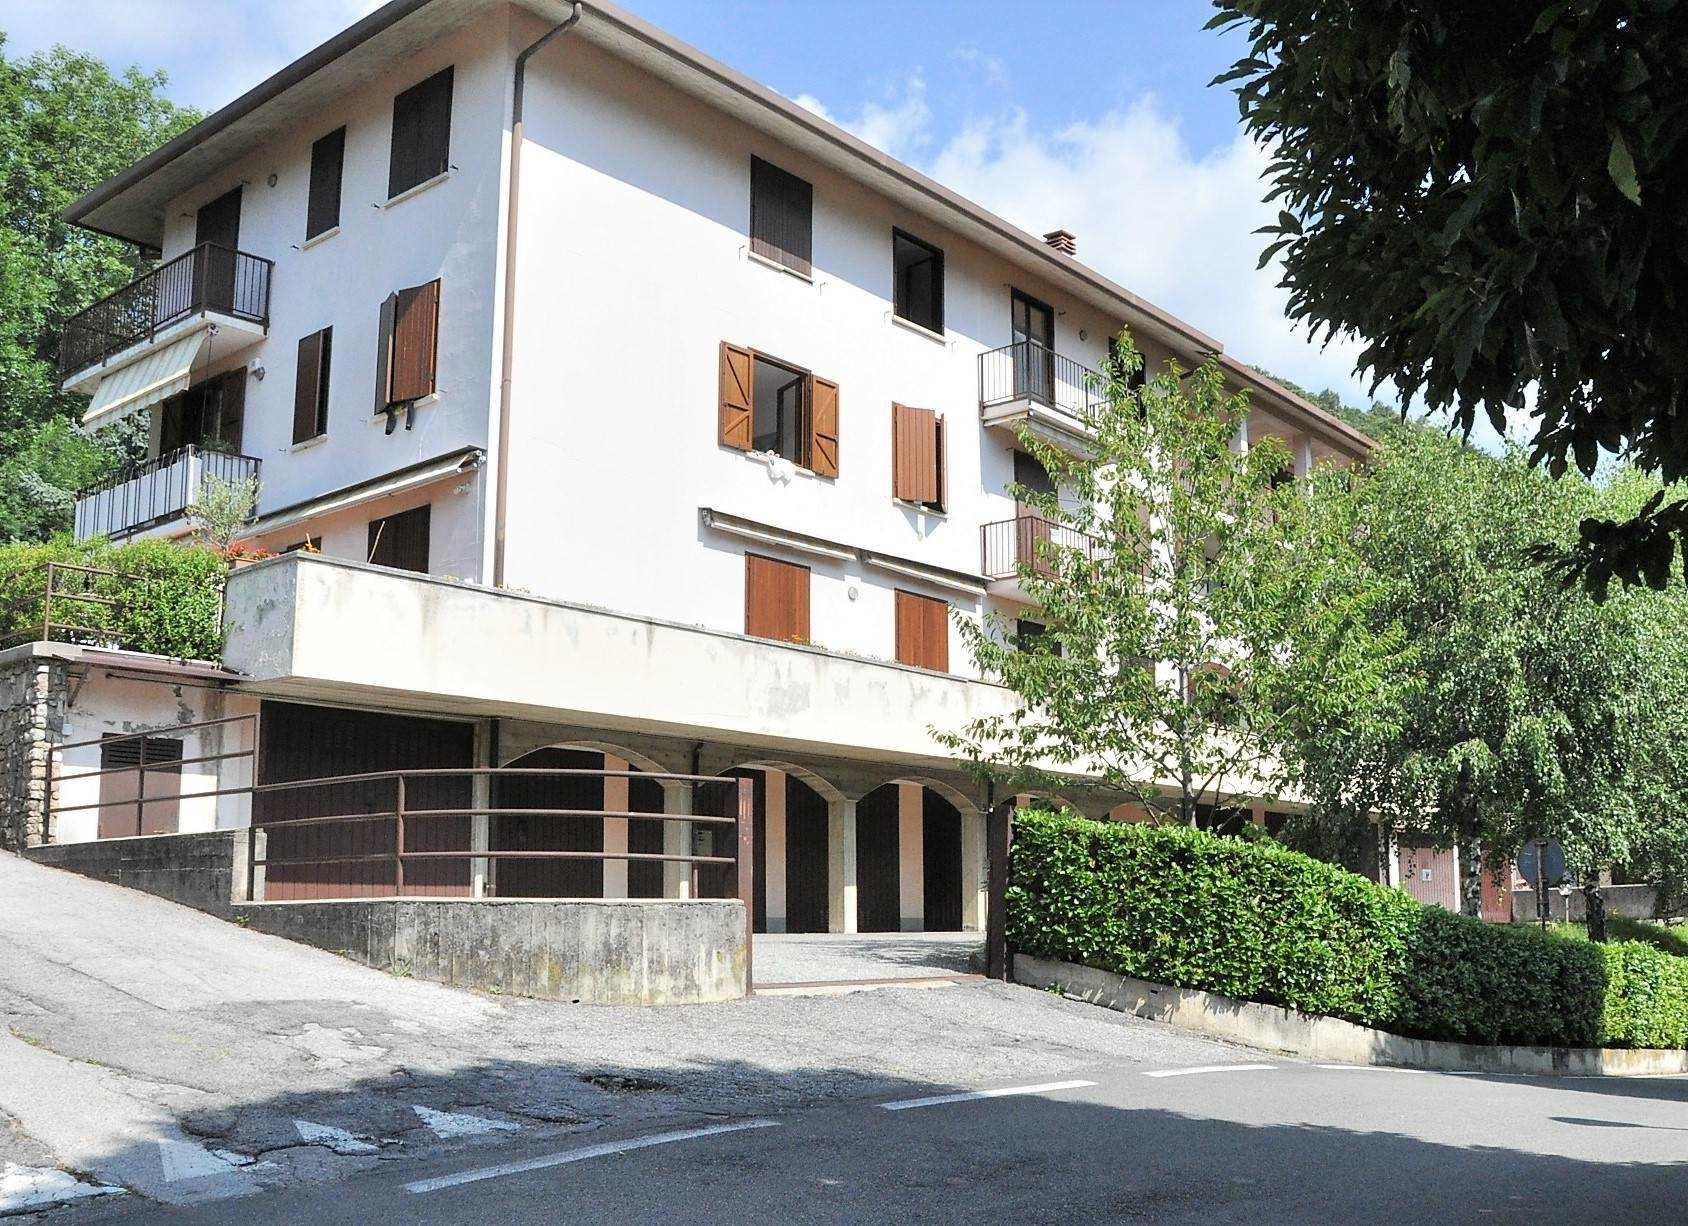 Appartamento in vendita a Ballabio, 3 locali, zona Zona: Ballabio inferiore, prezzo € 120.000 | CambioCasa.it